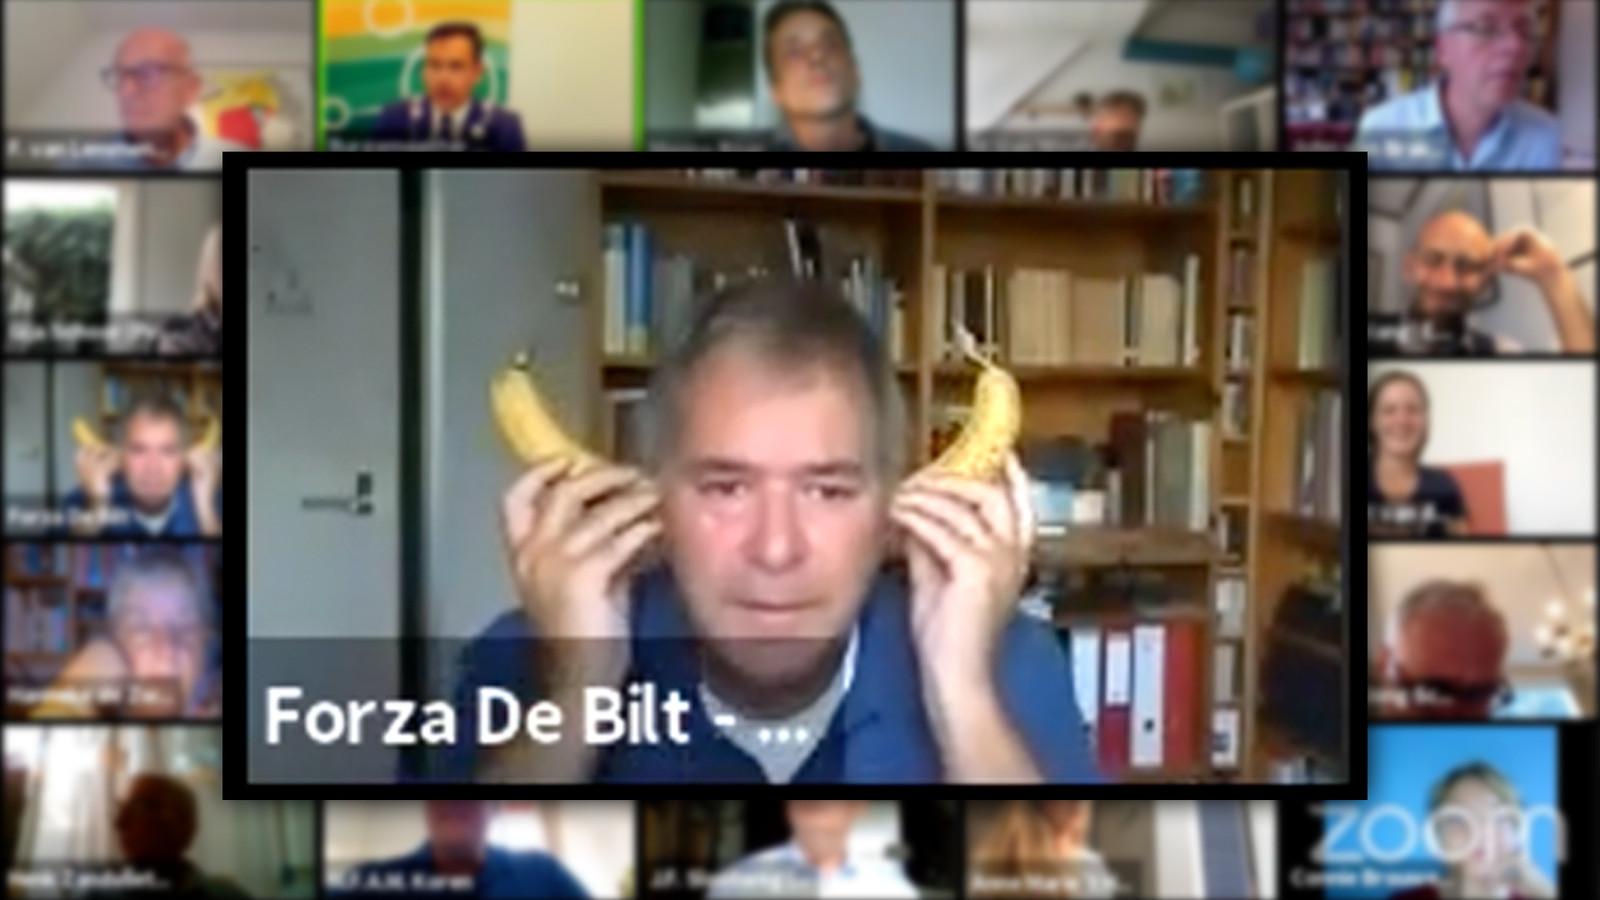 Peter Schlamilch van Forza De Bilt steekt bananen in zijn oren tijdens een digitale raadsvergadering.